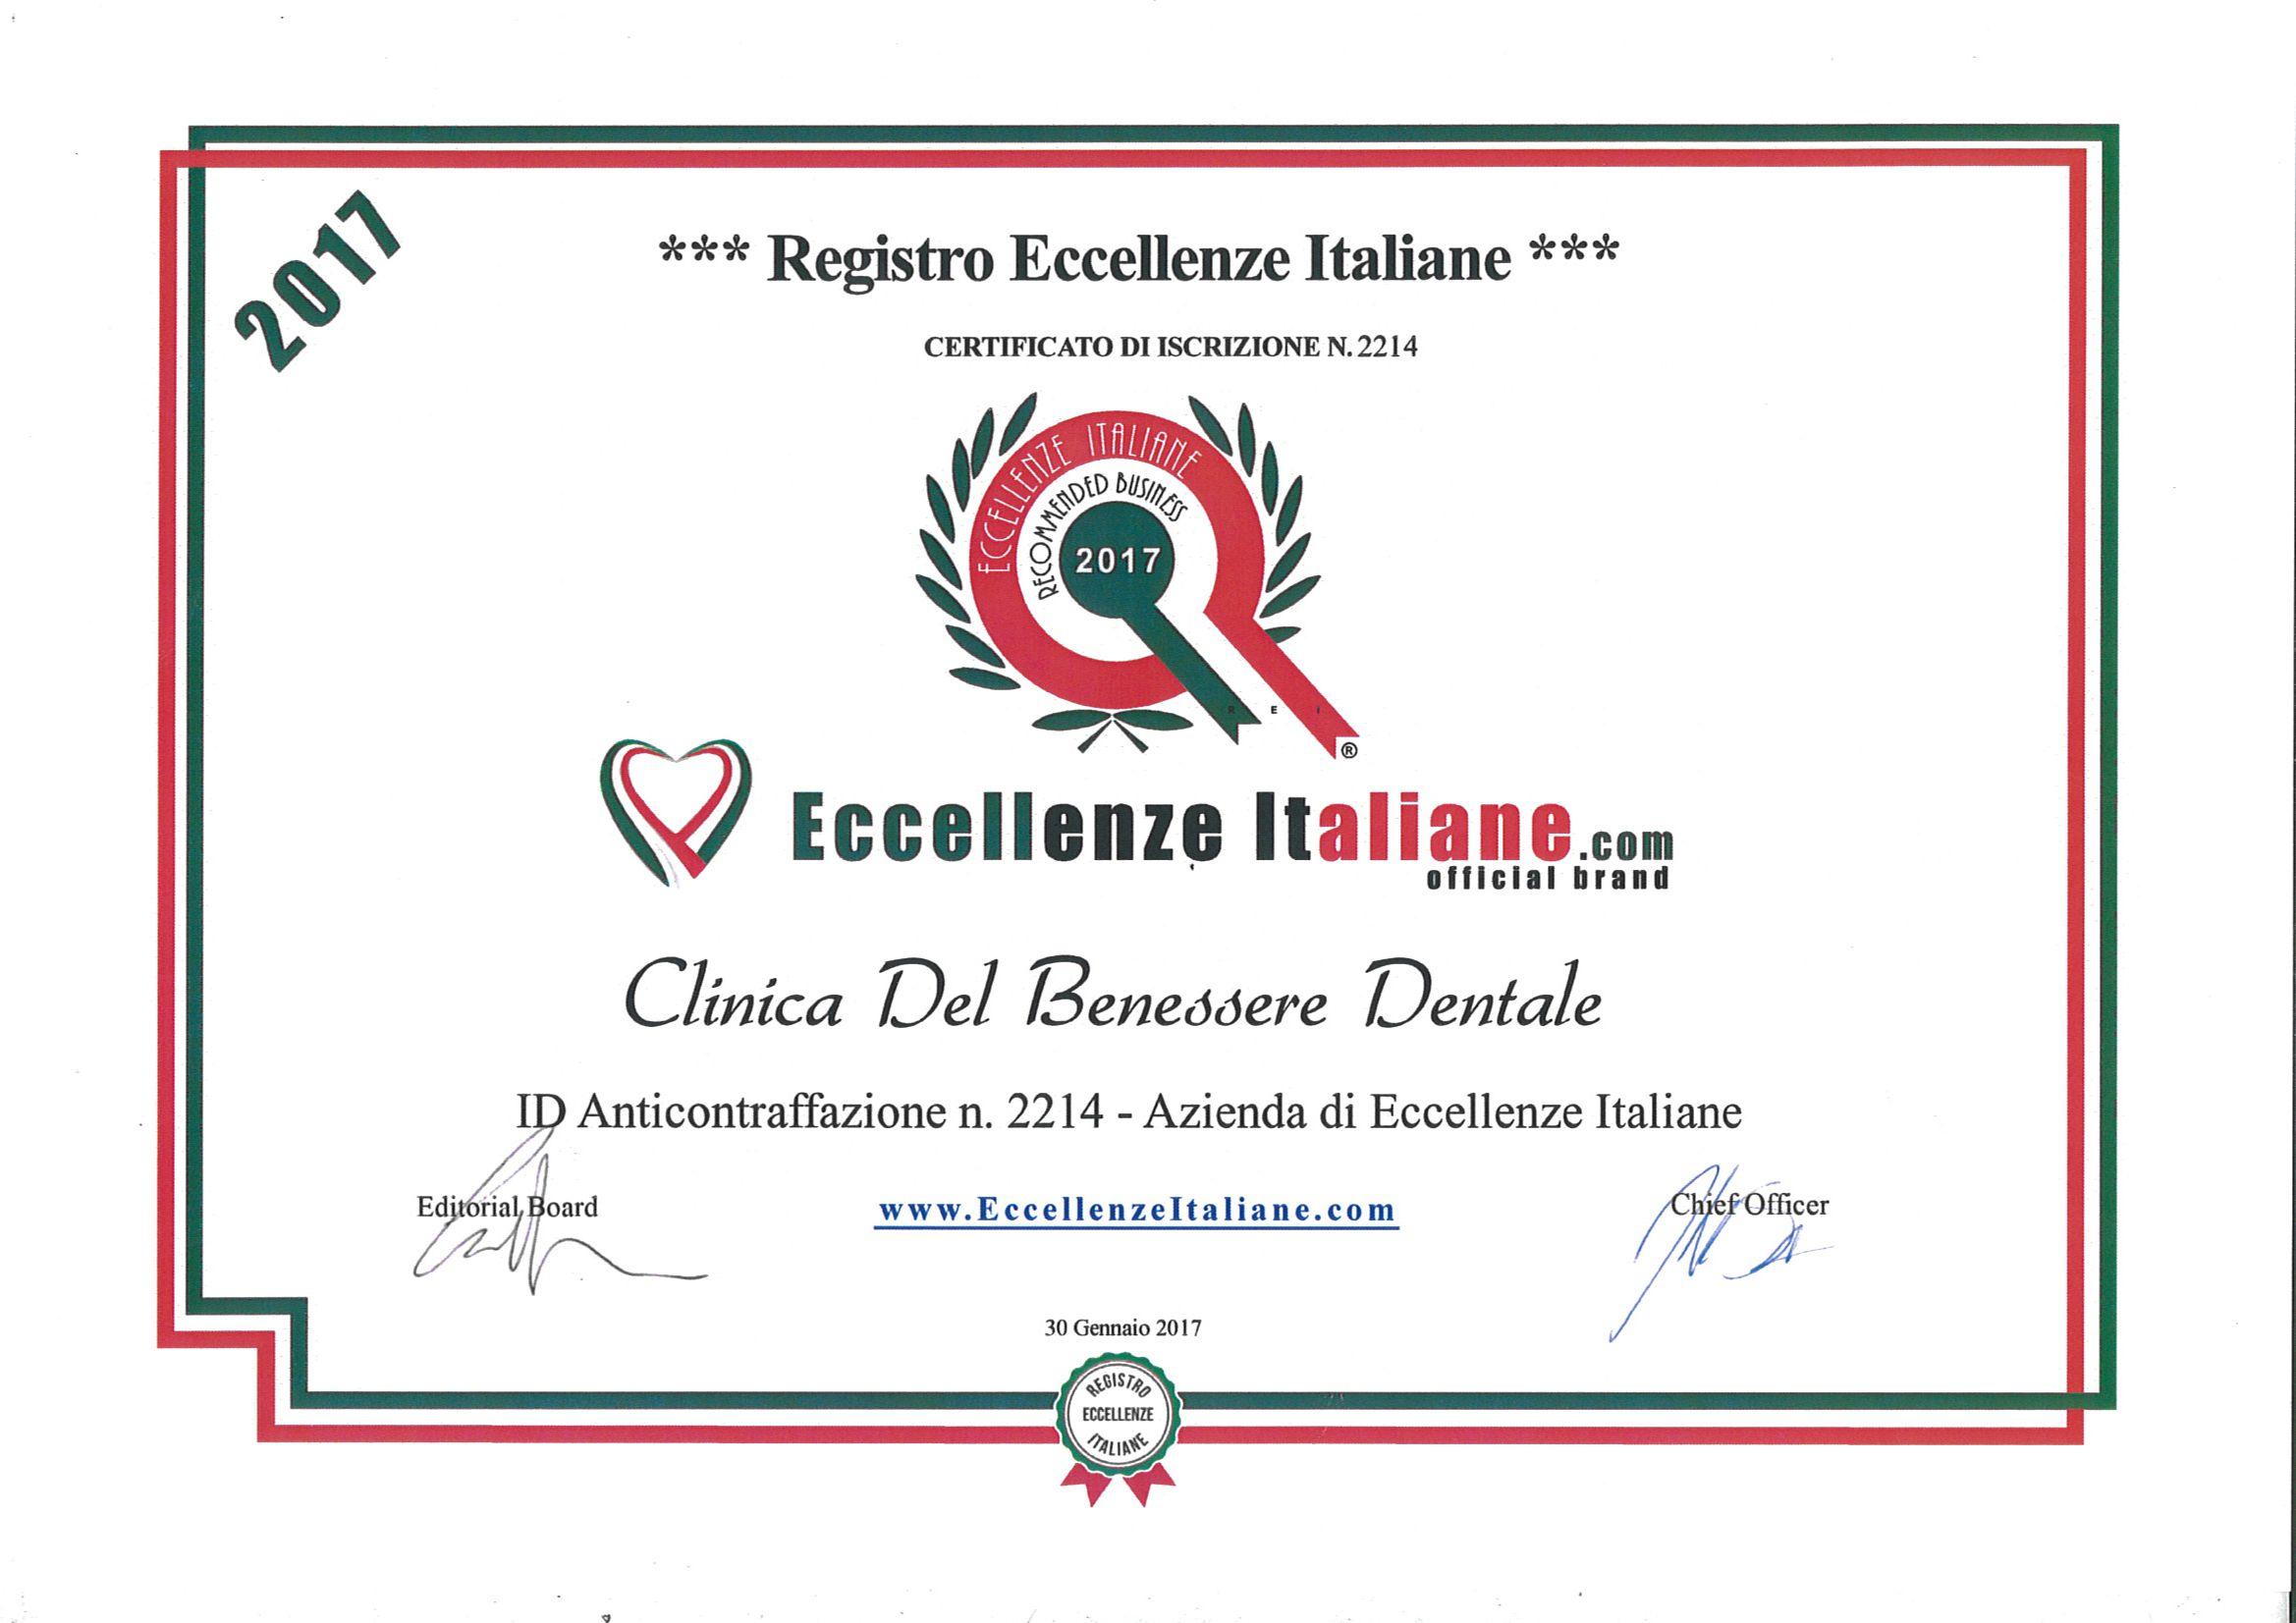 attestato eccellenze italiane